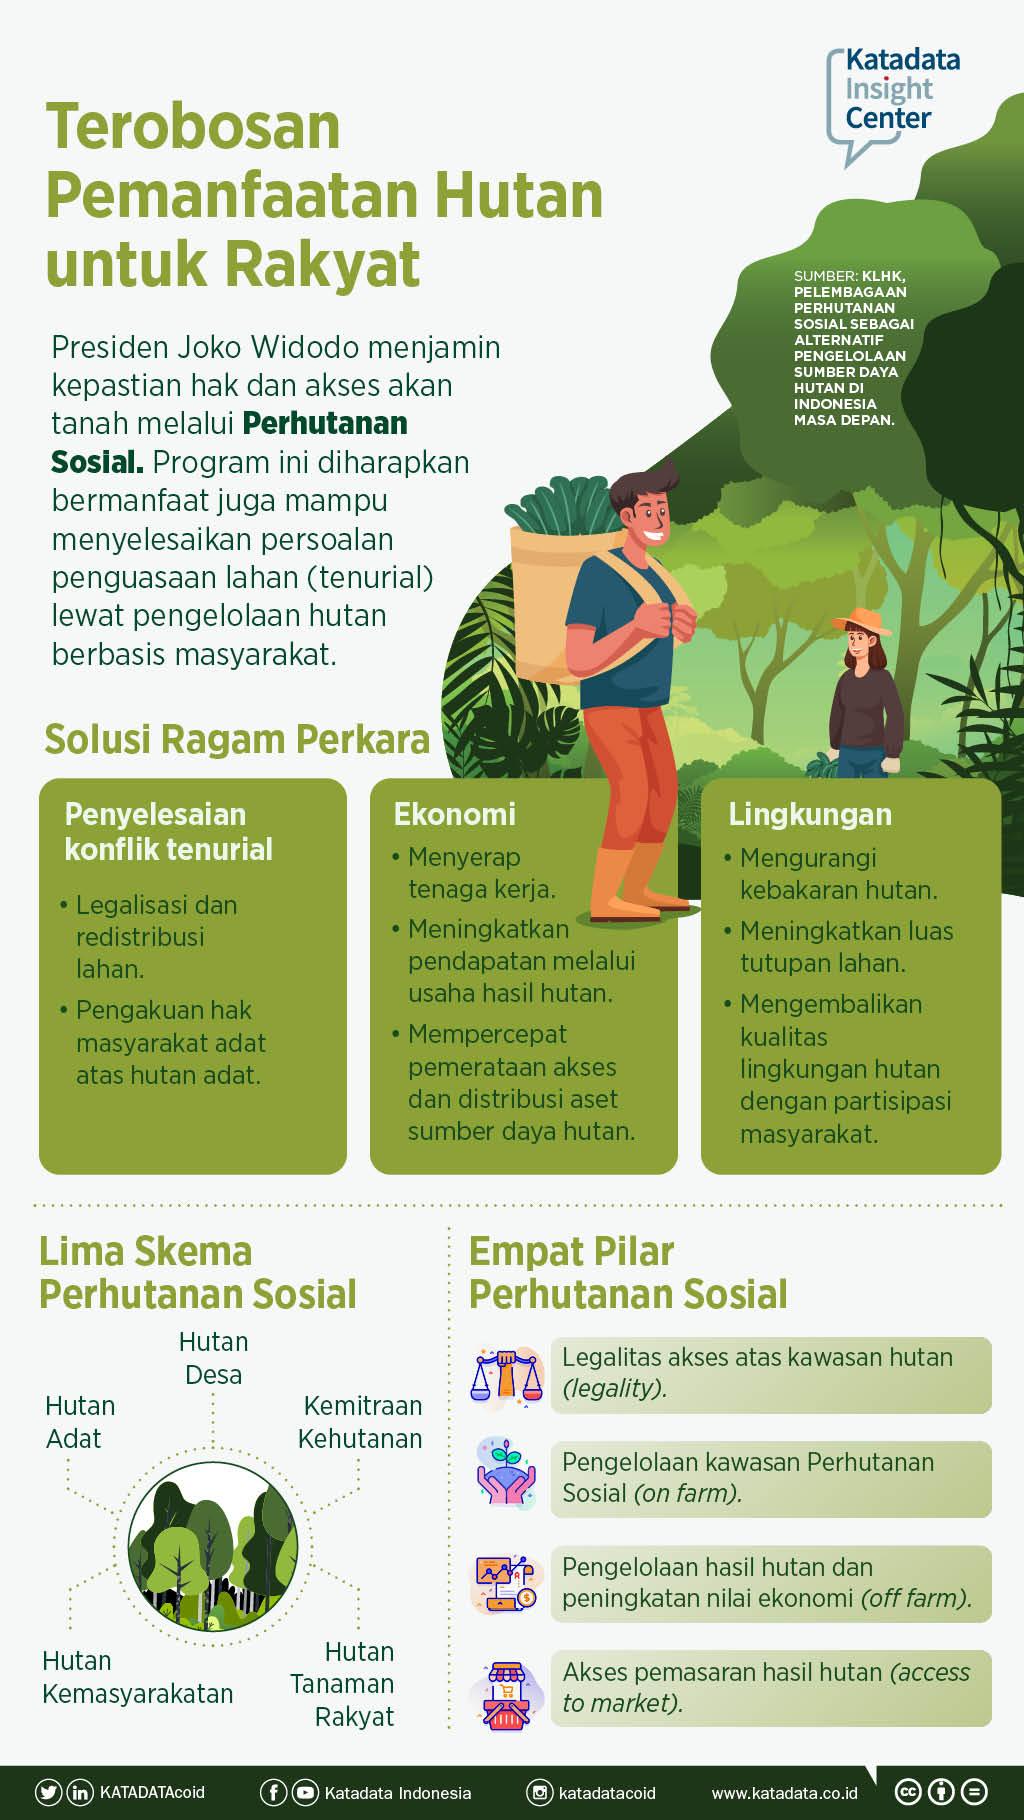 Terobosan Pemanfaatan Hutan untuk Rakyat